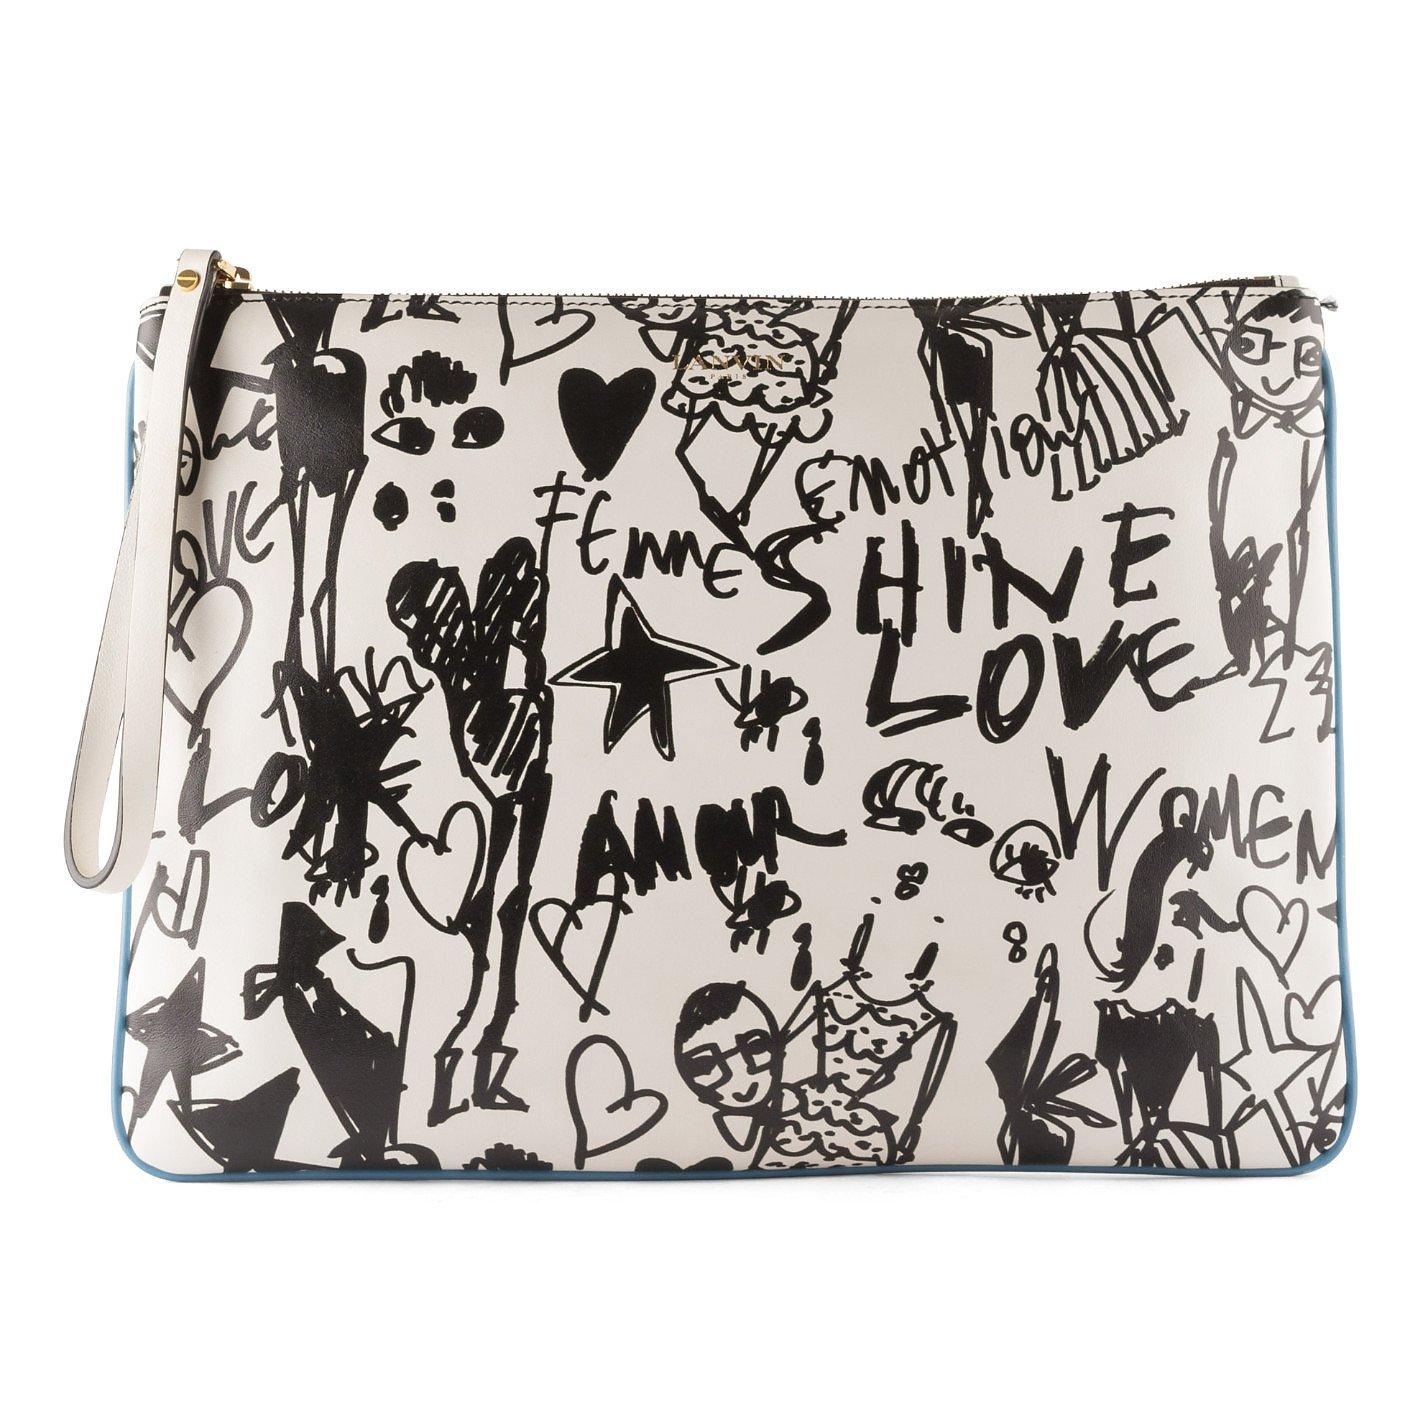 Lanvin Graffiti Print Leather Clutch